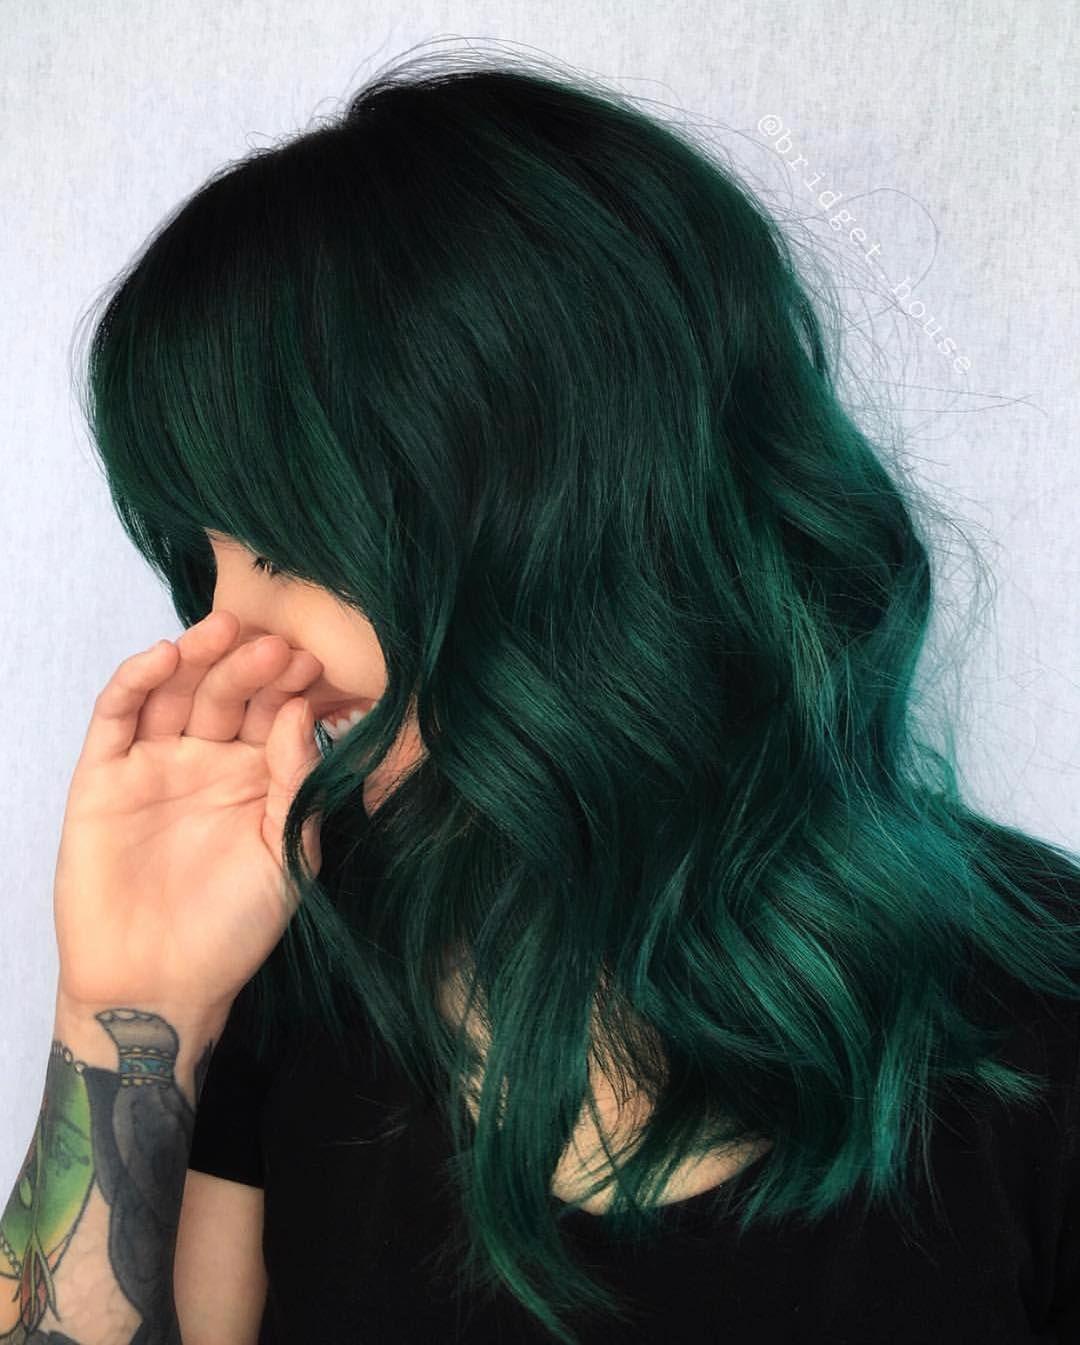 Hair Hairstyle 2019 Haircut Haircolor Dark Green Hair Green Hair Hair Styles